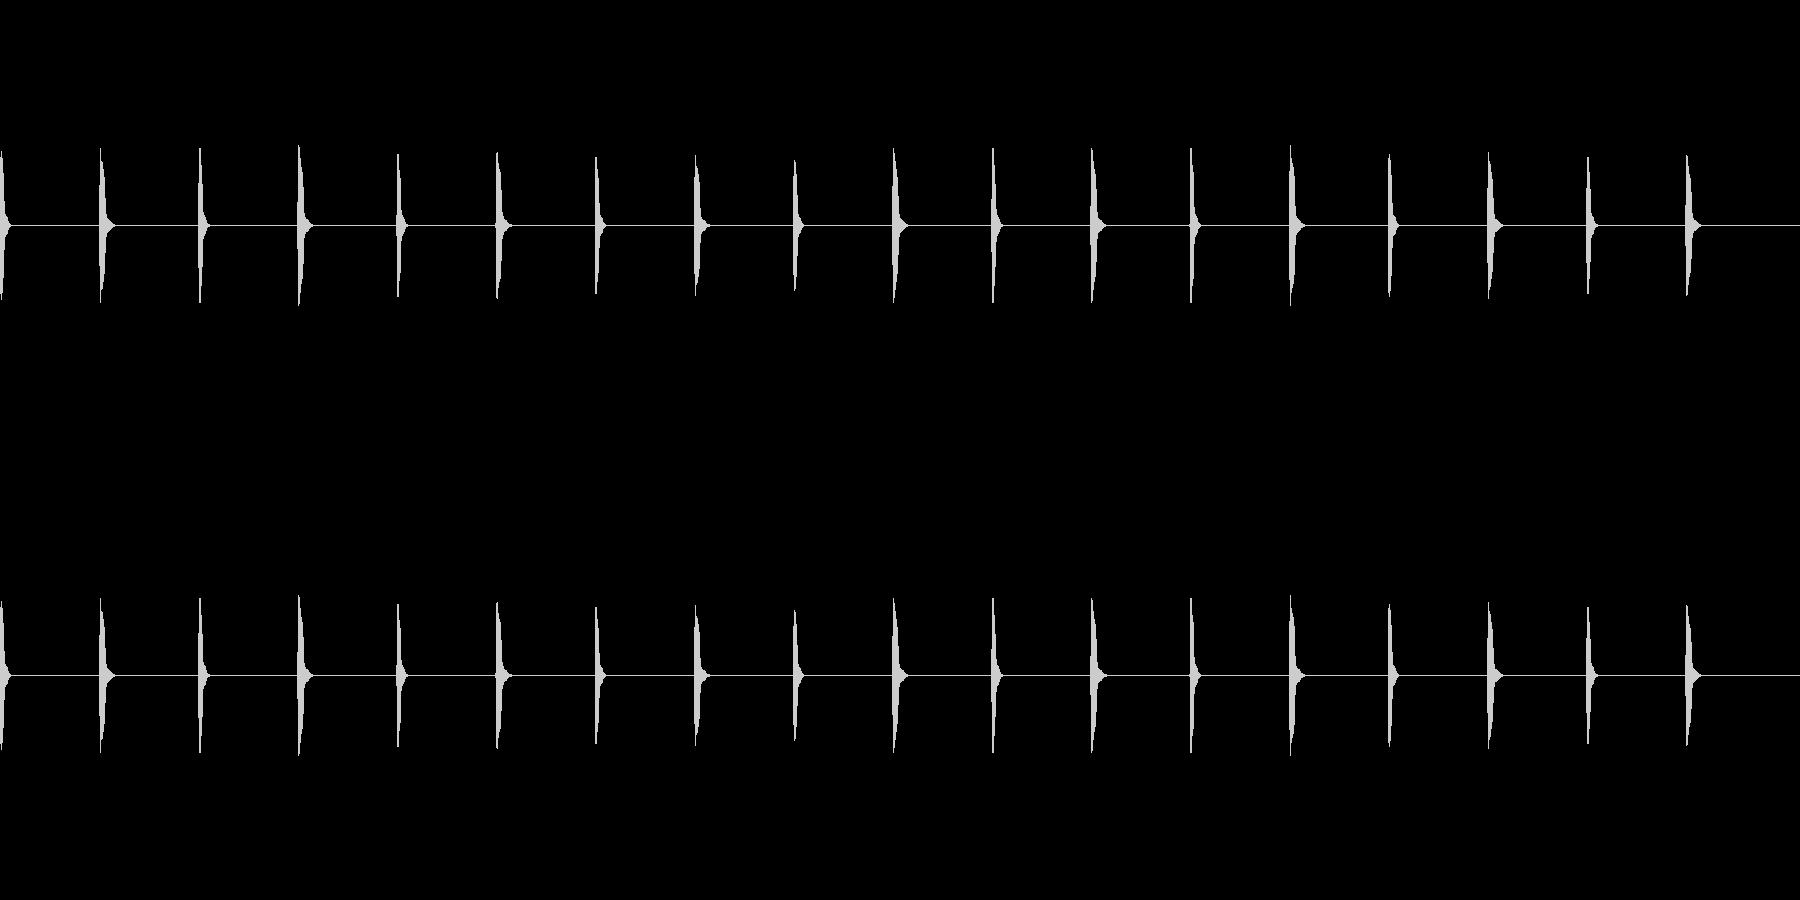 テクテク(足音)の未再生の波形